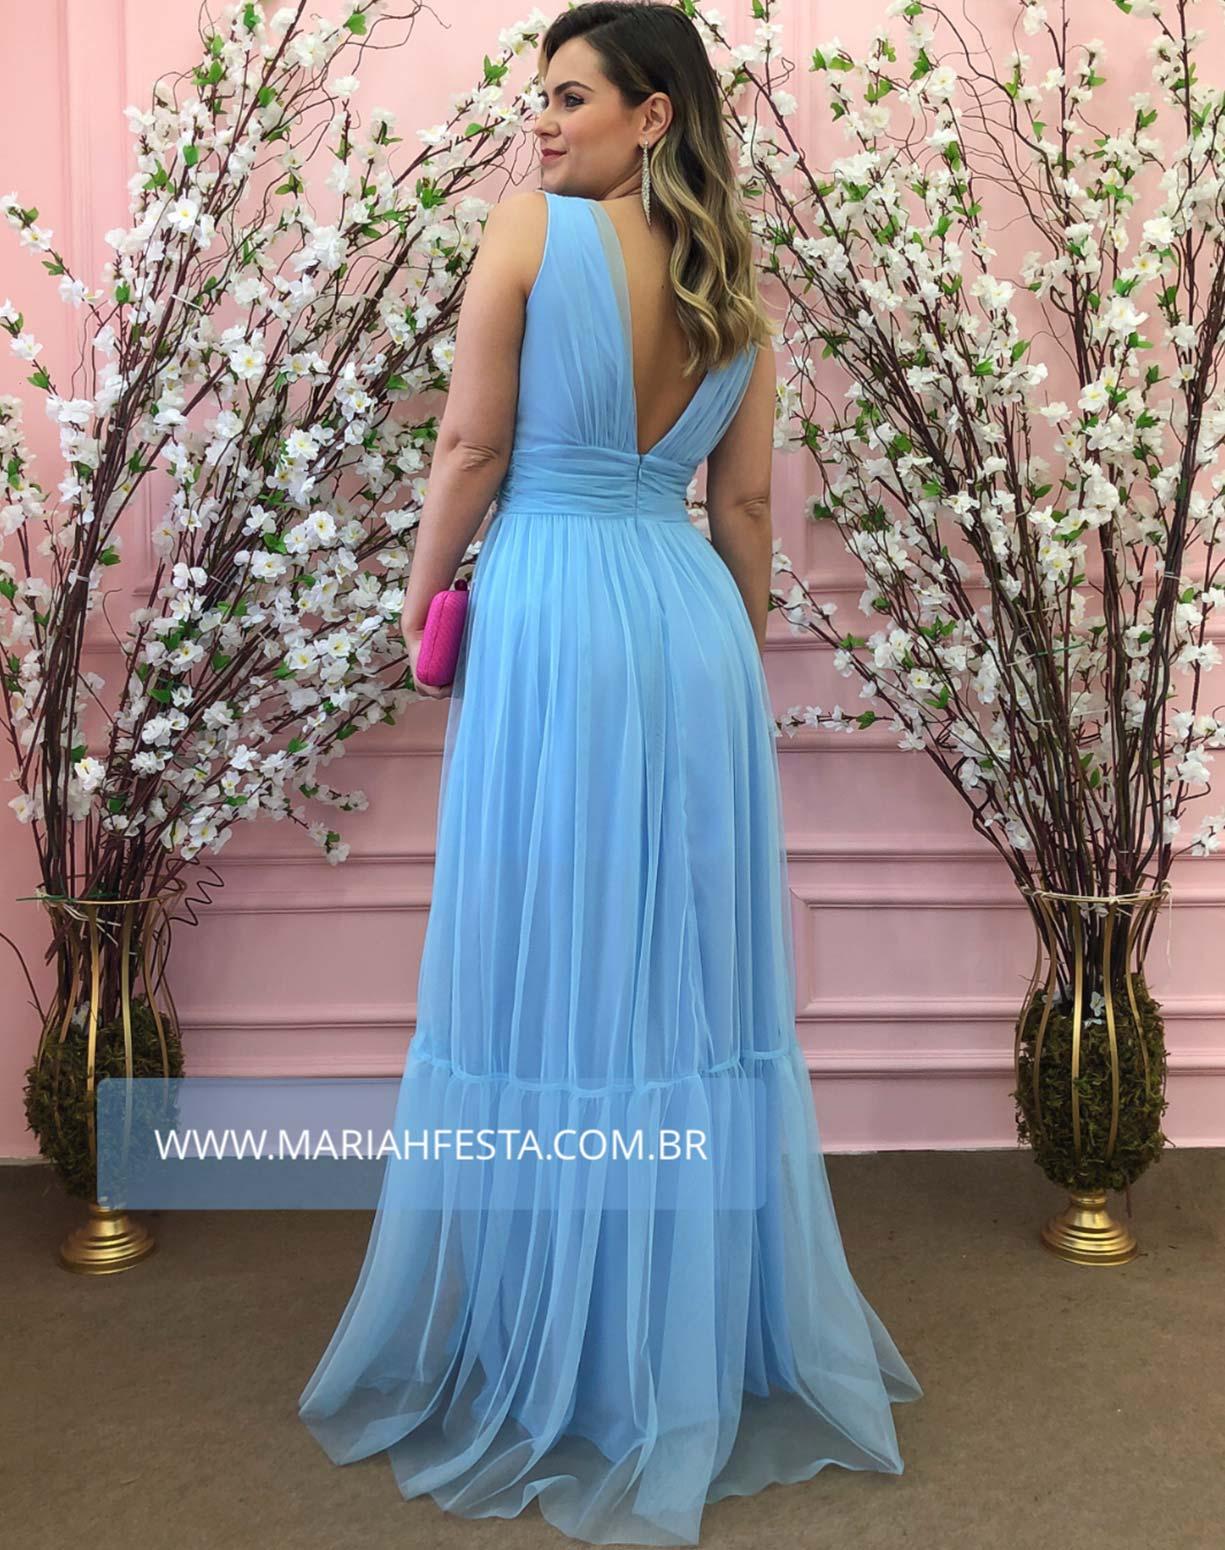 Vestido Azul Serenity em Tule de Saia Evasê com Fenda